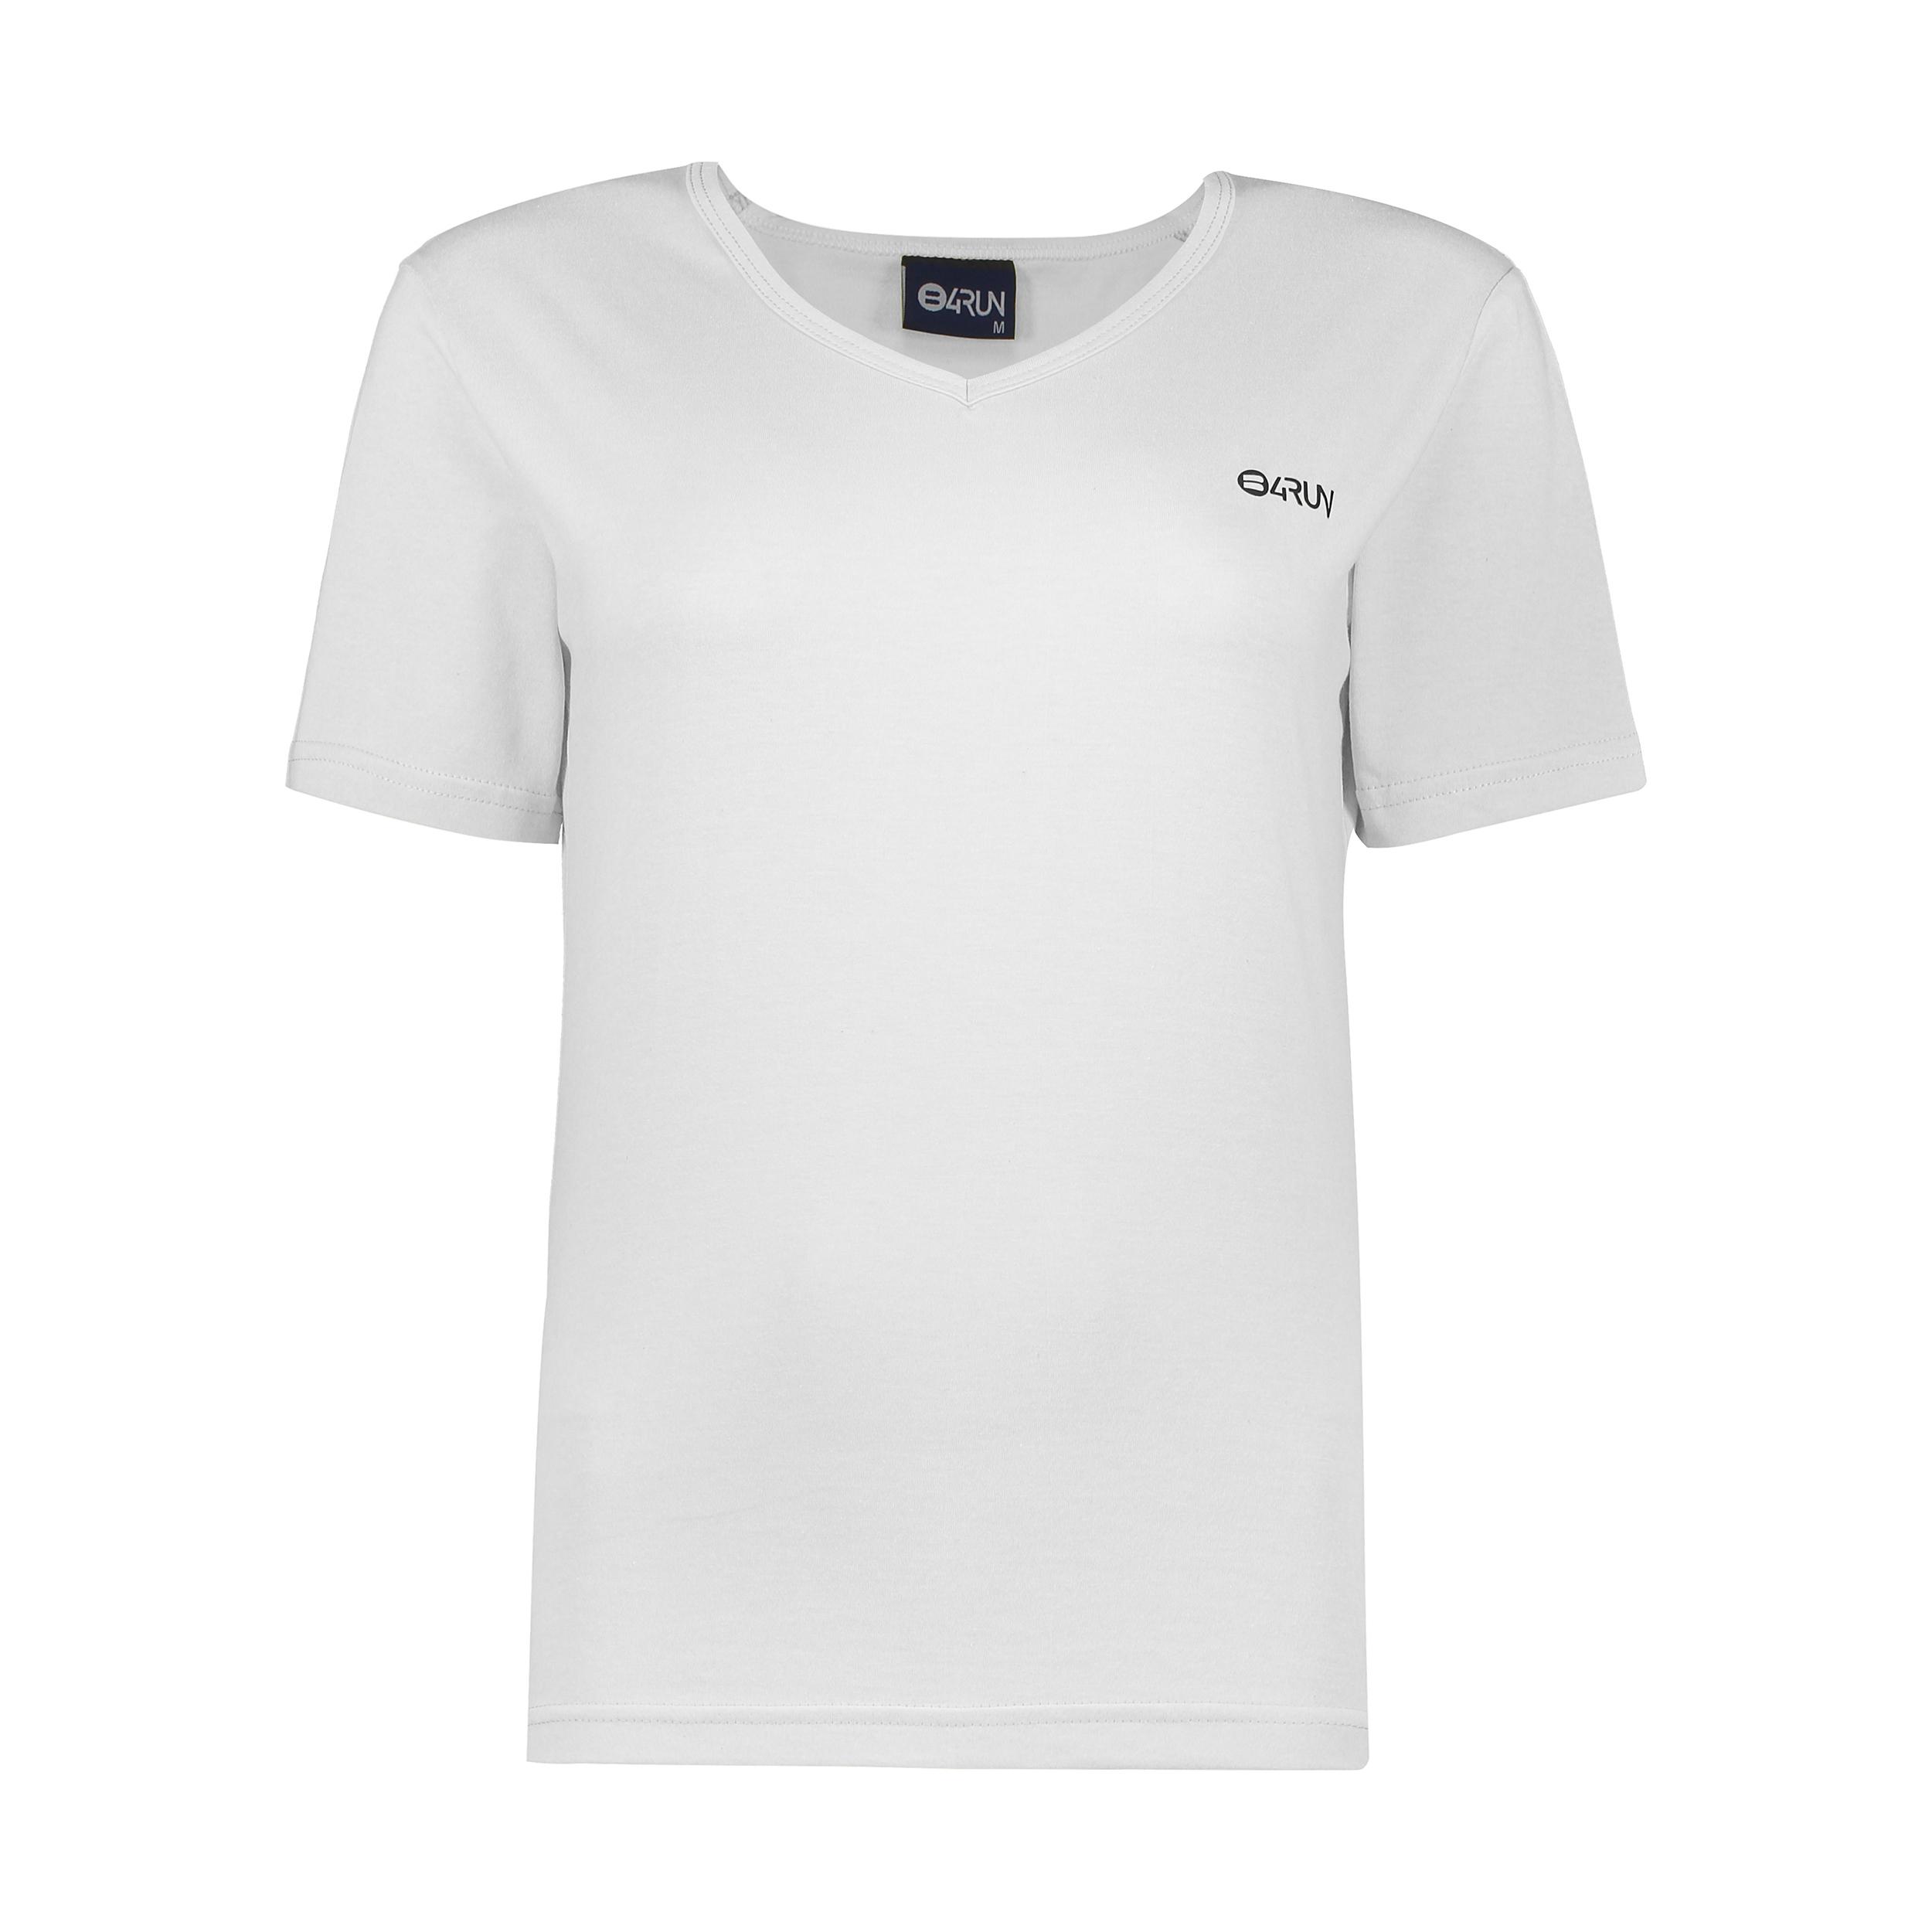 تی شرت ورزشی زنانه بی فور ران مدل 210323-01